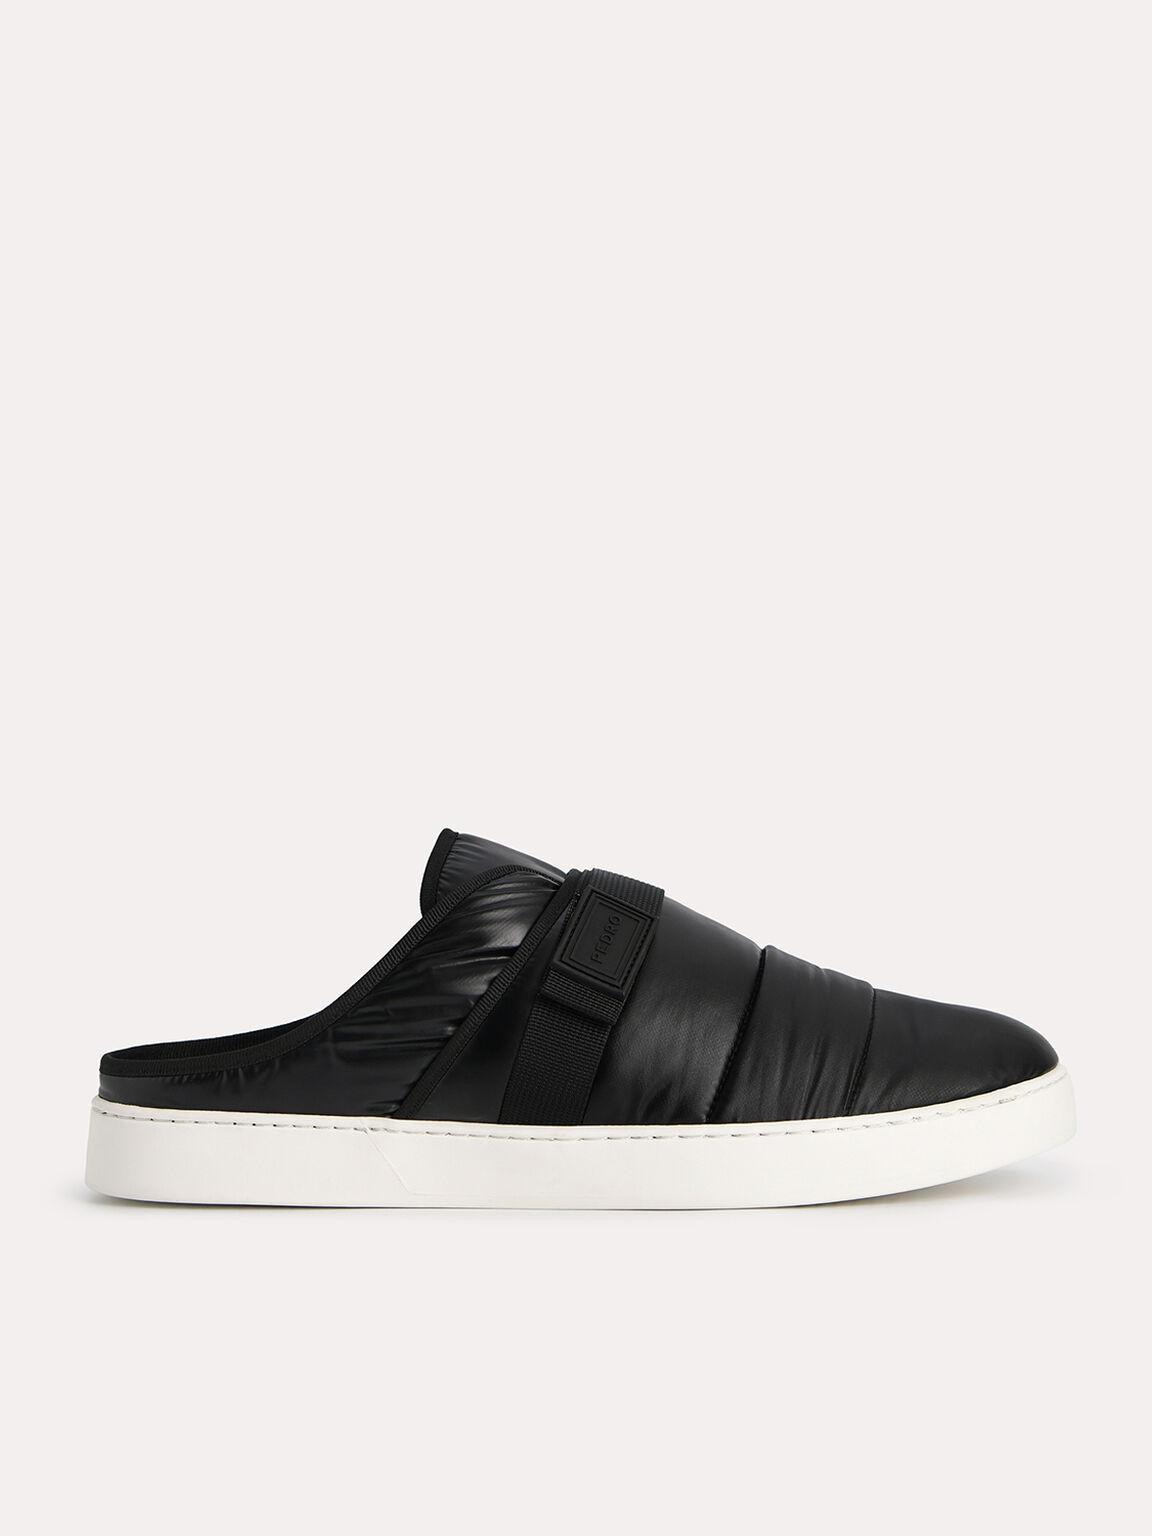 Padded Slip On Sneakers, Black, hi-res